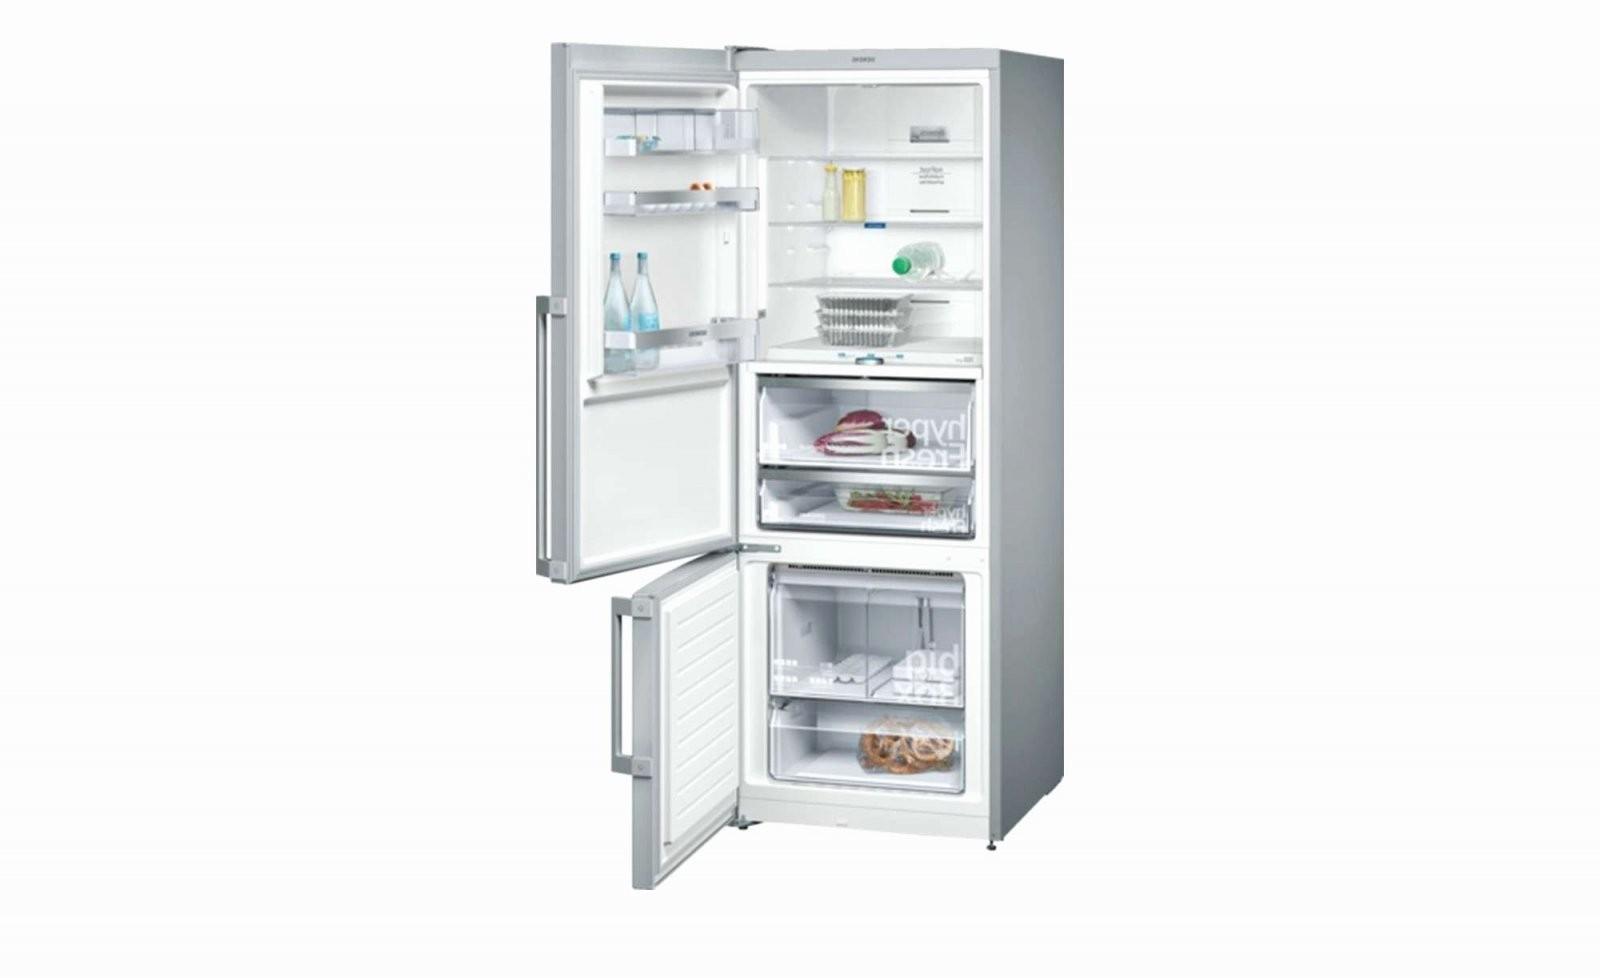 Einbaukühlschrank 45 Cm Breit — Haus Möbel von Kühlschrank 55 Cm Breit Photo